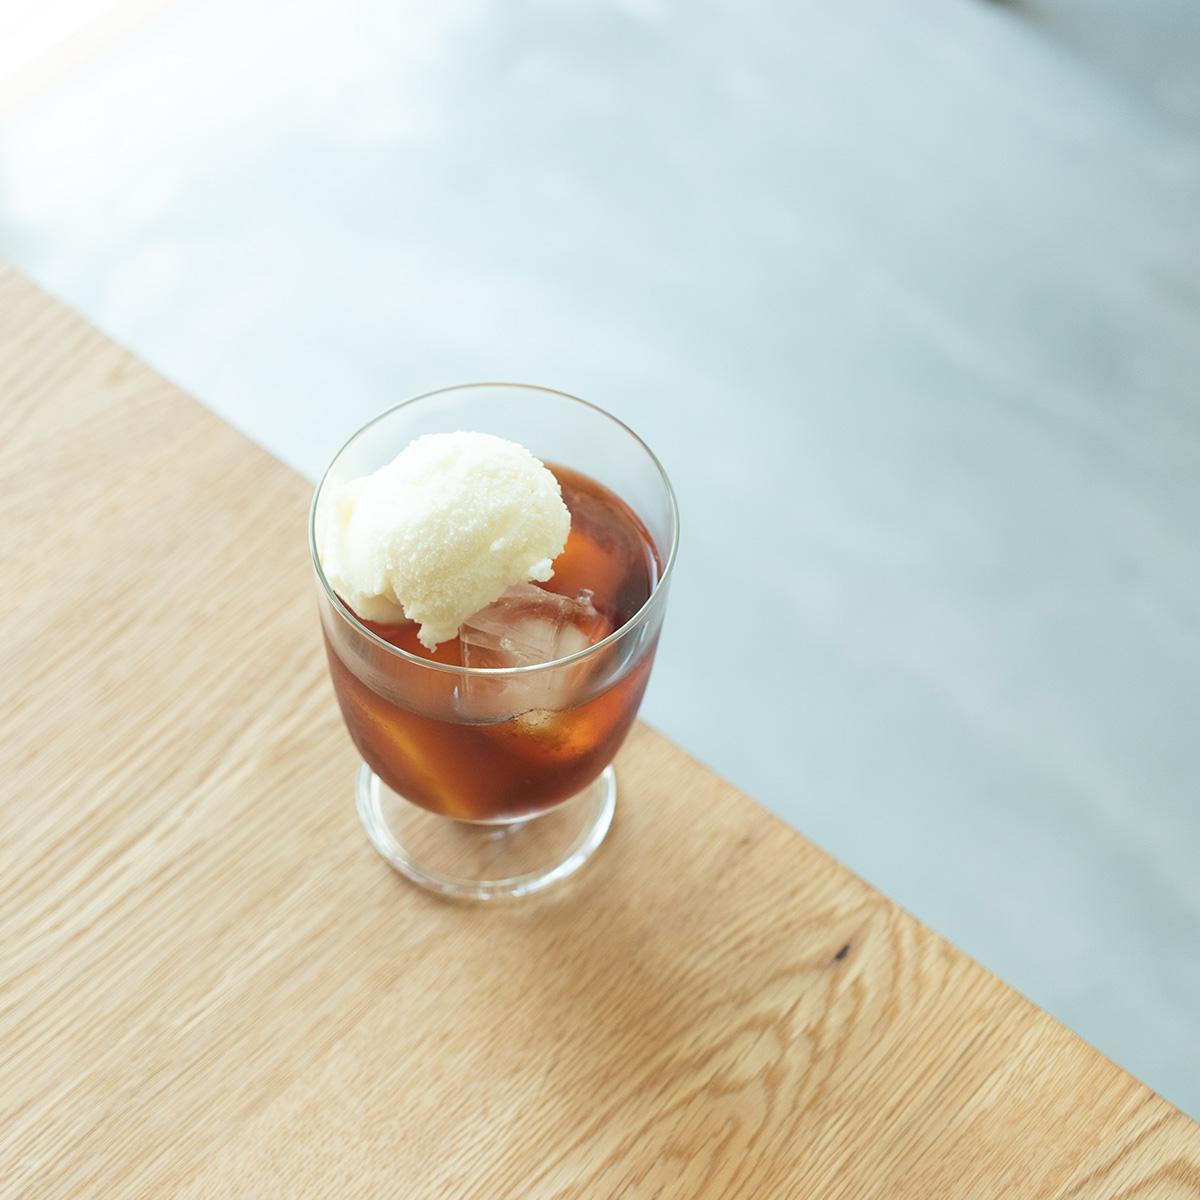 【夏の新メニュー】コーヒーフロート